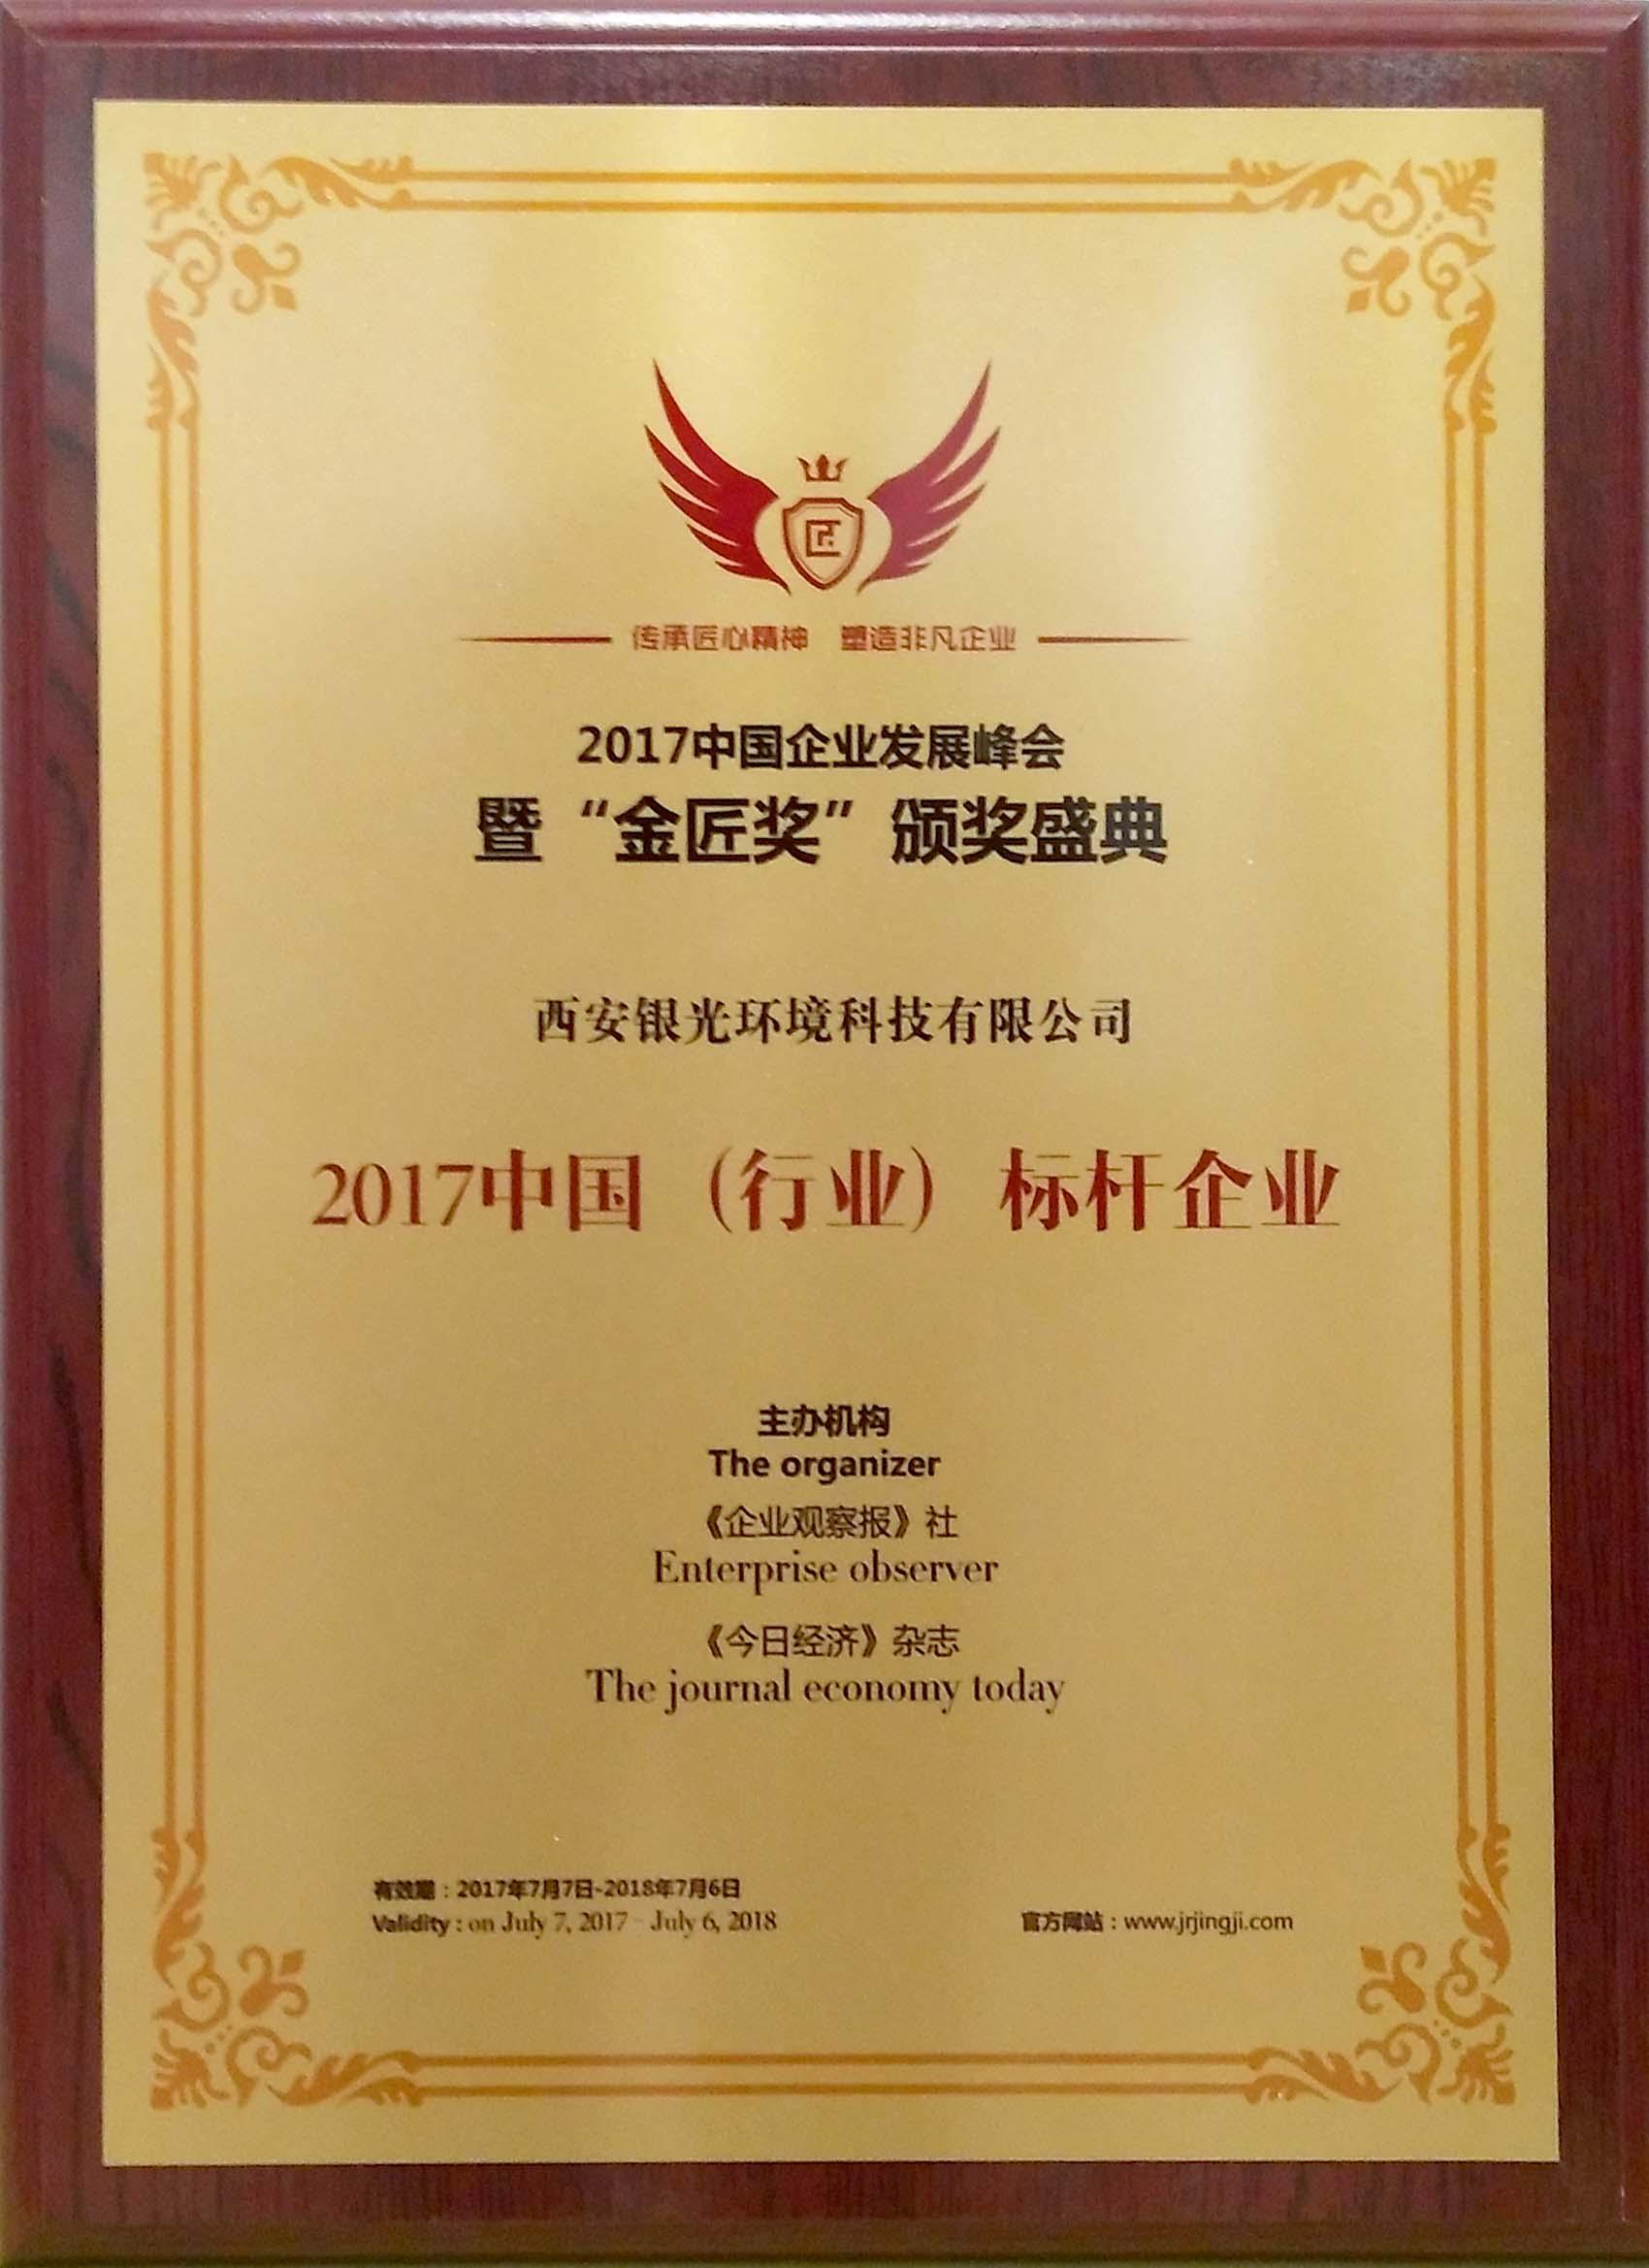 2017中国(行业)标杆企业